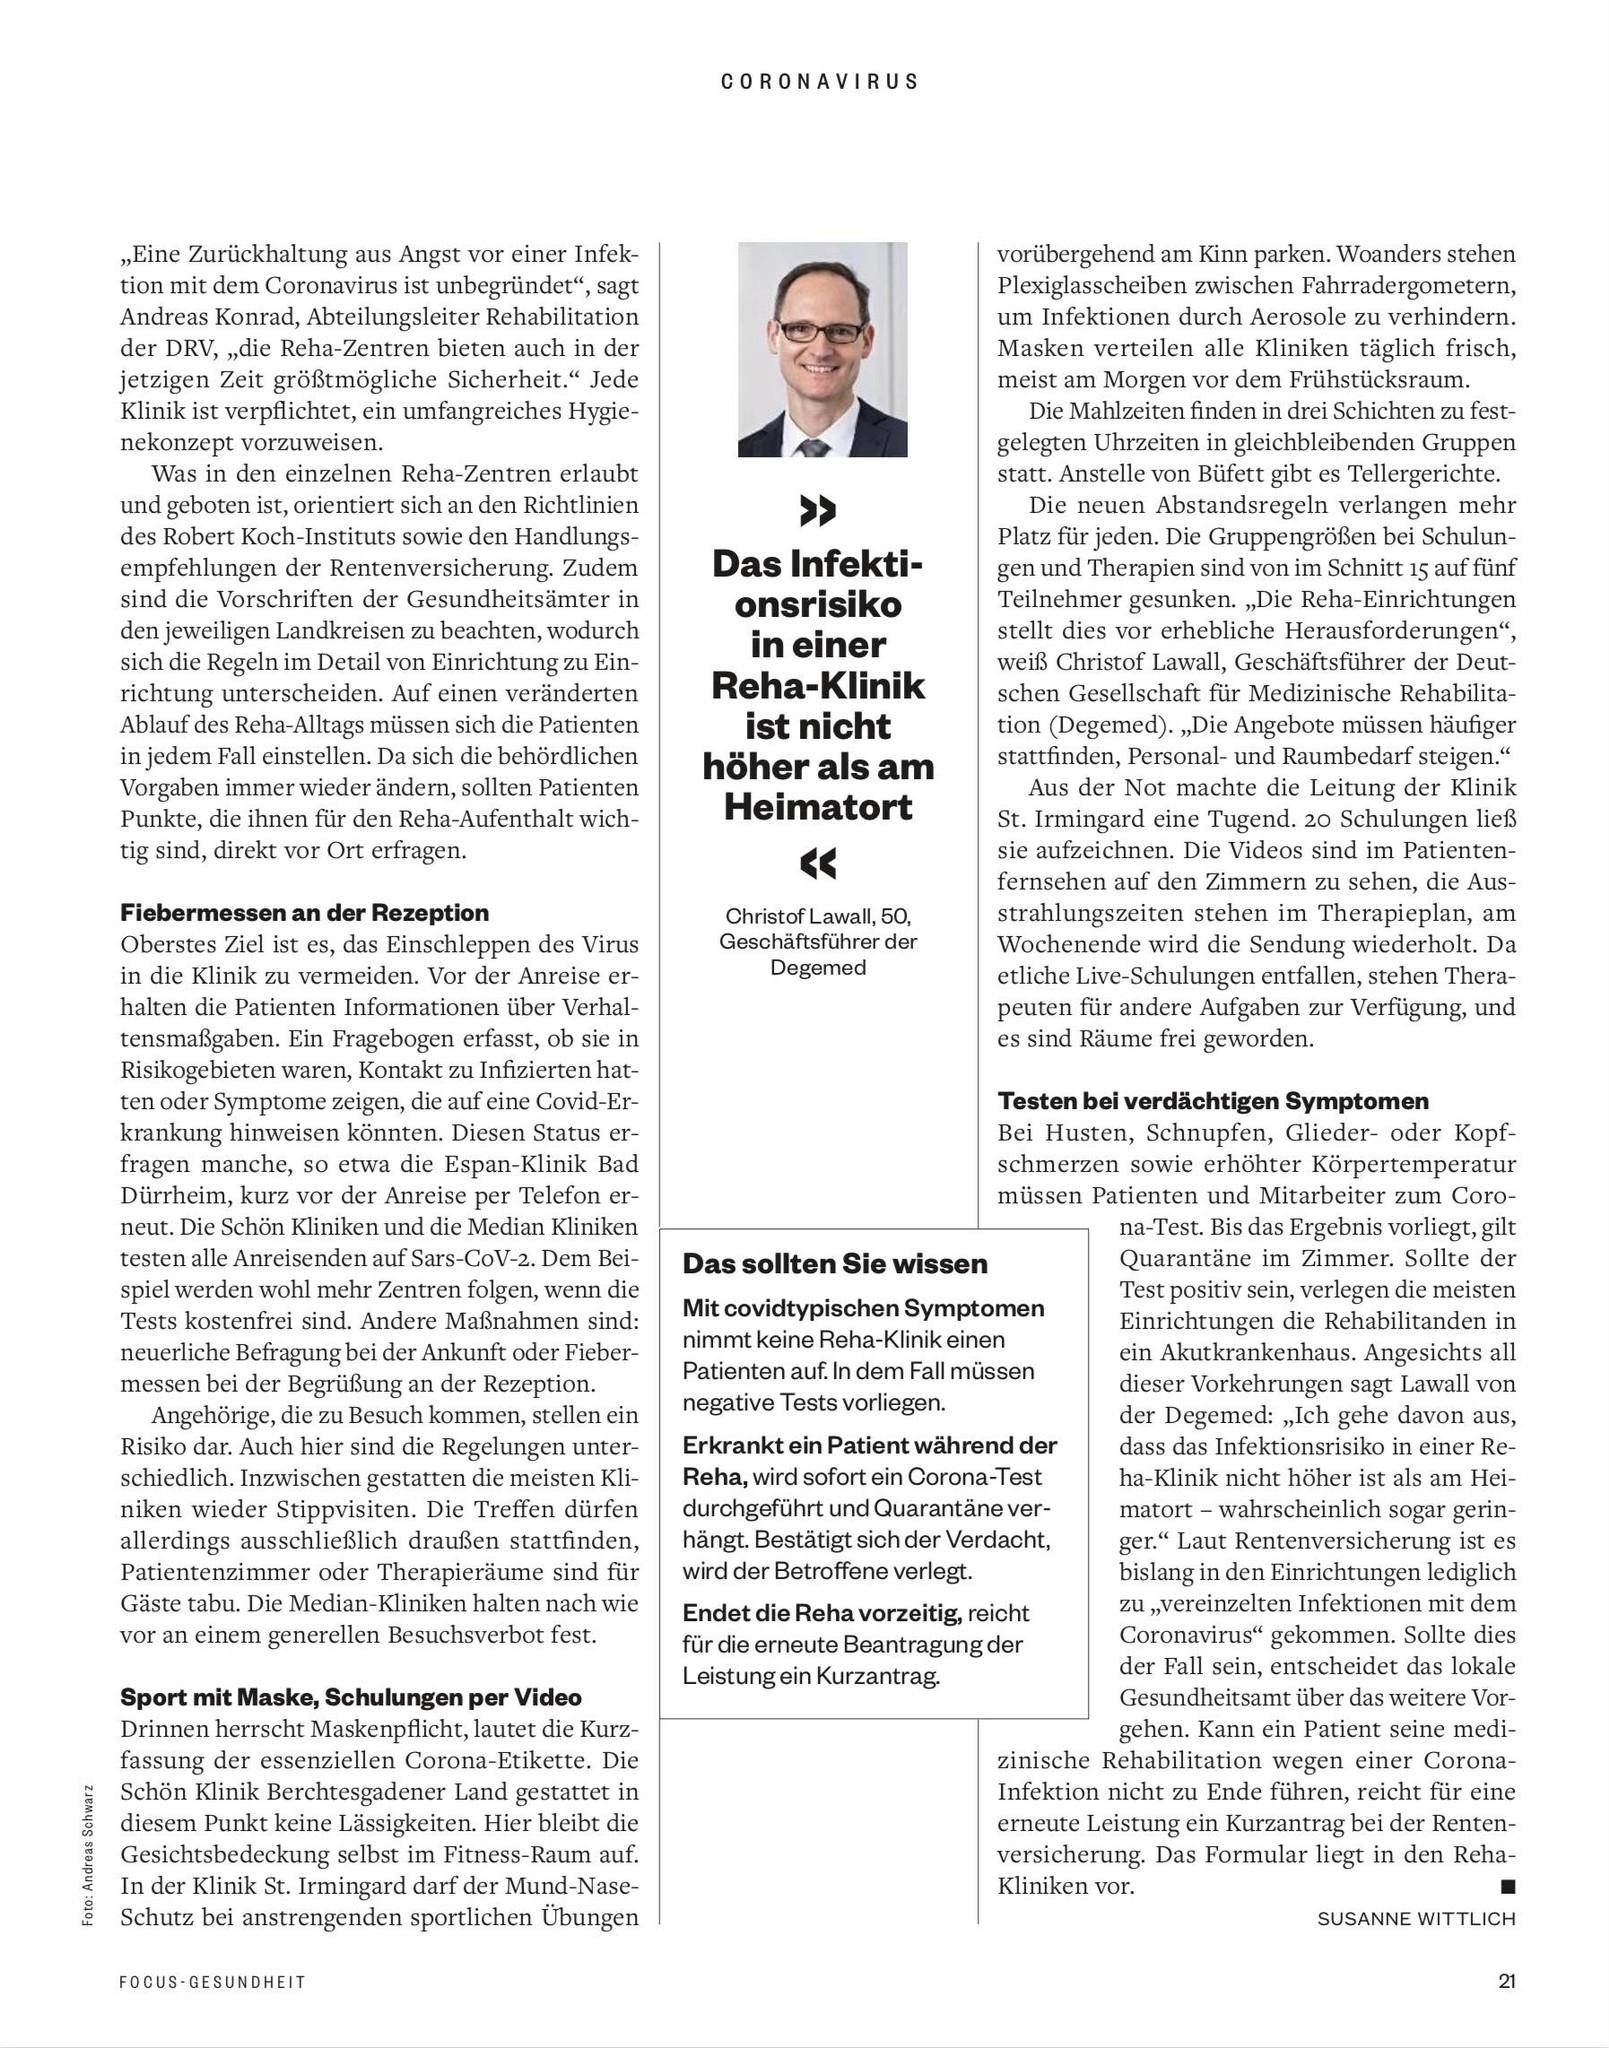 FOCUS-GESUNDHEIT FOCUS Gesundheit - Die besten Reha-Kliniken 2021